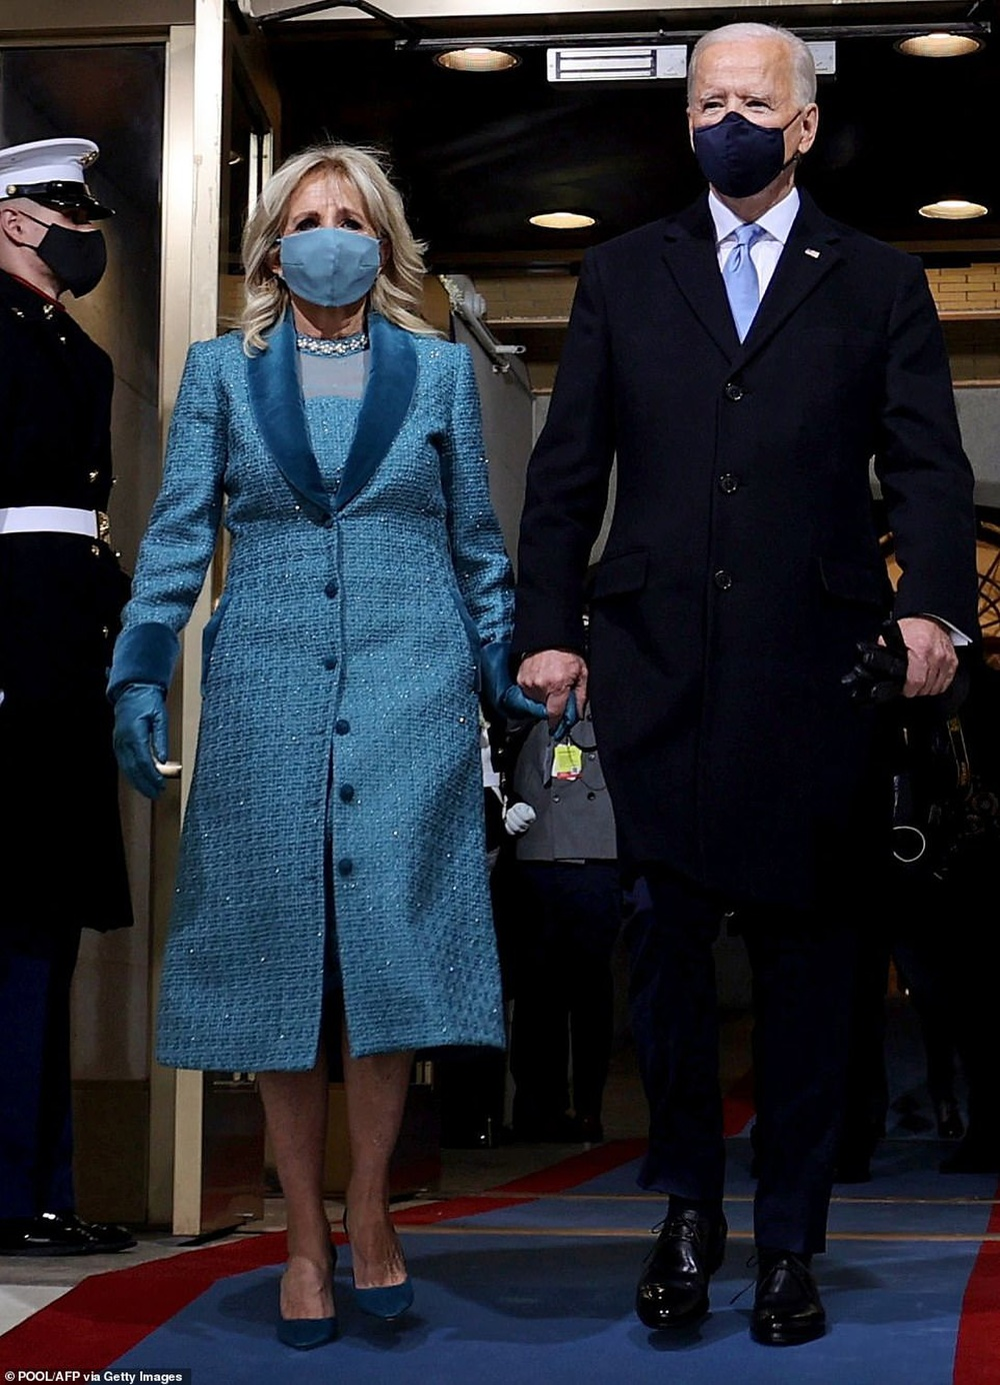 Tân Đệ nhất phu nhân Mỹ Jill Biden và Melania Trump 'so kè' trang phục cực gắt tại lễ nhậm chức Ảnh 2